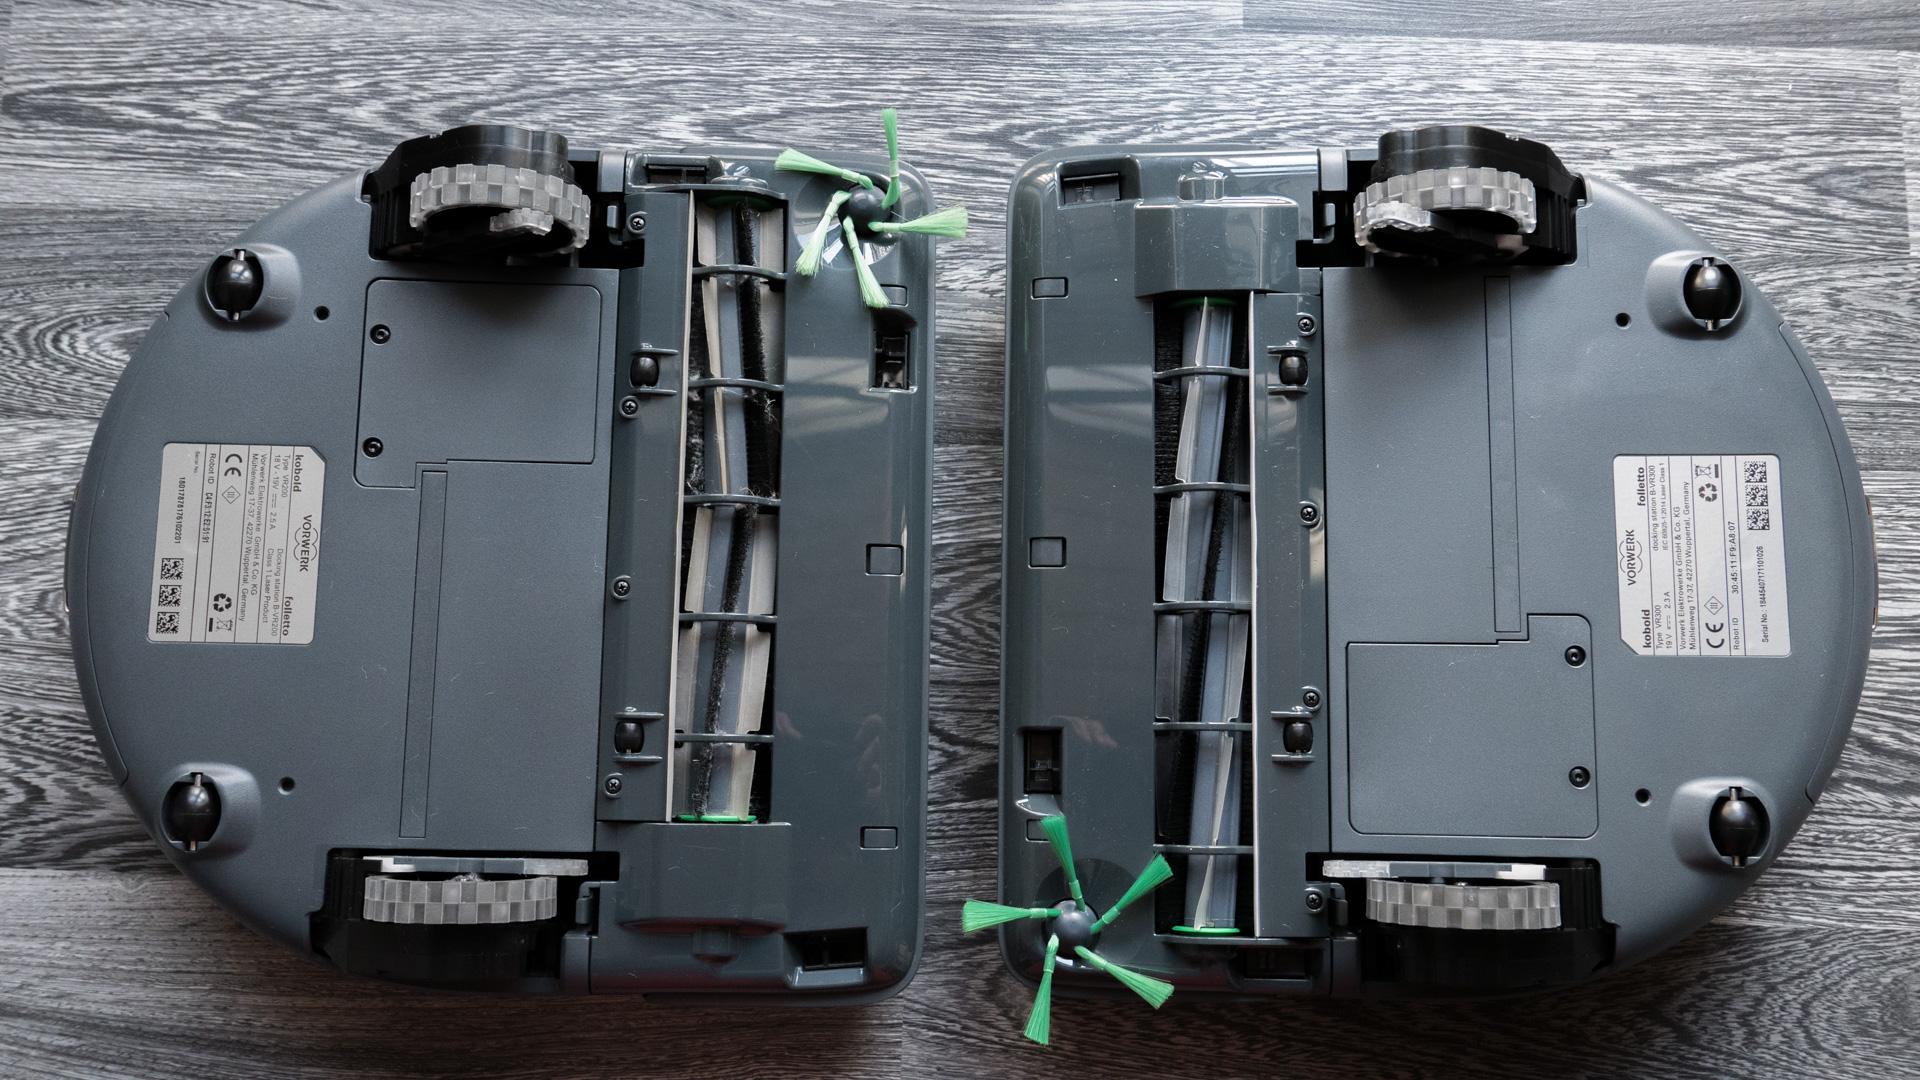 Vorwerk-VR200-VR300-Vergleich-4